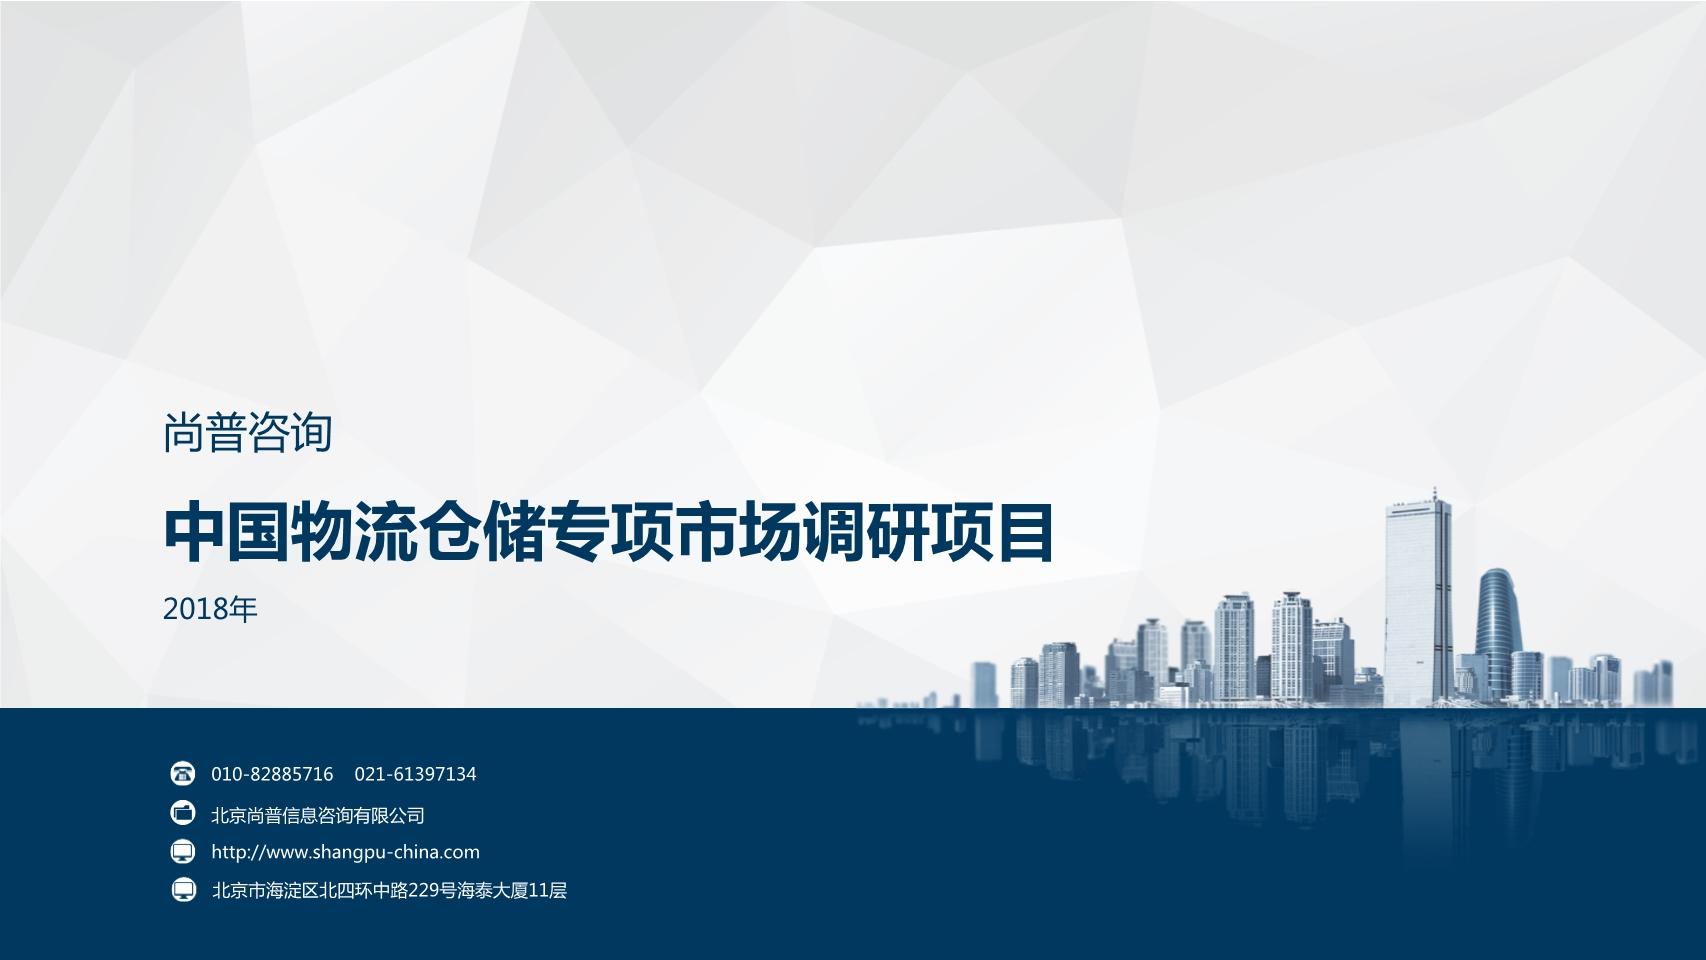 尚普咨询-中国物流仓储情况专项市场调研